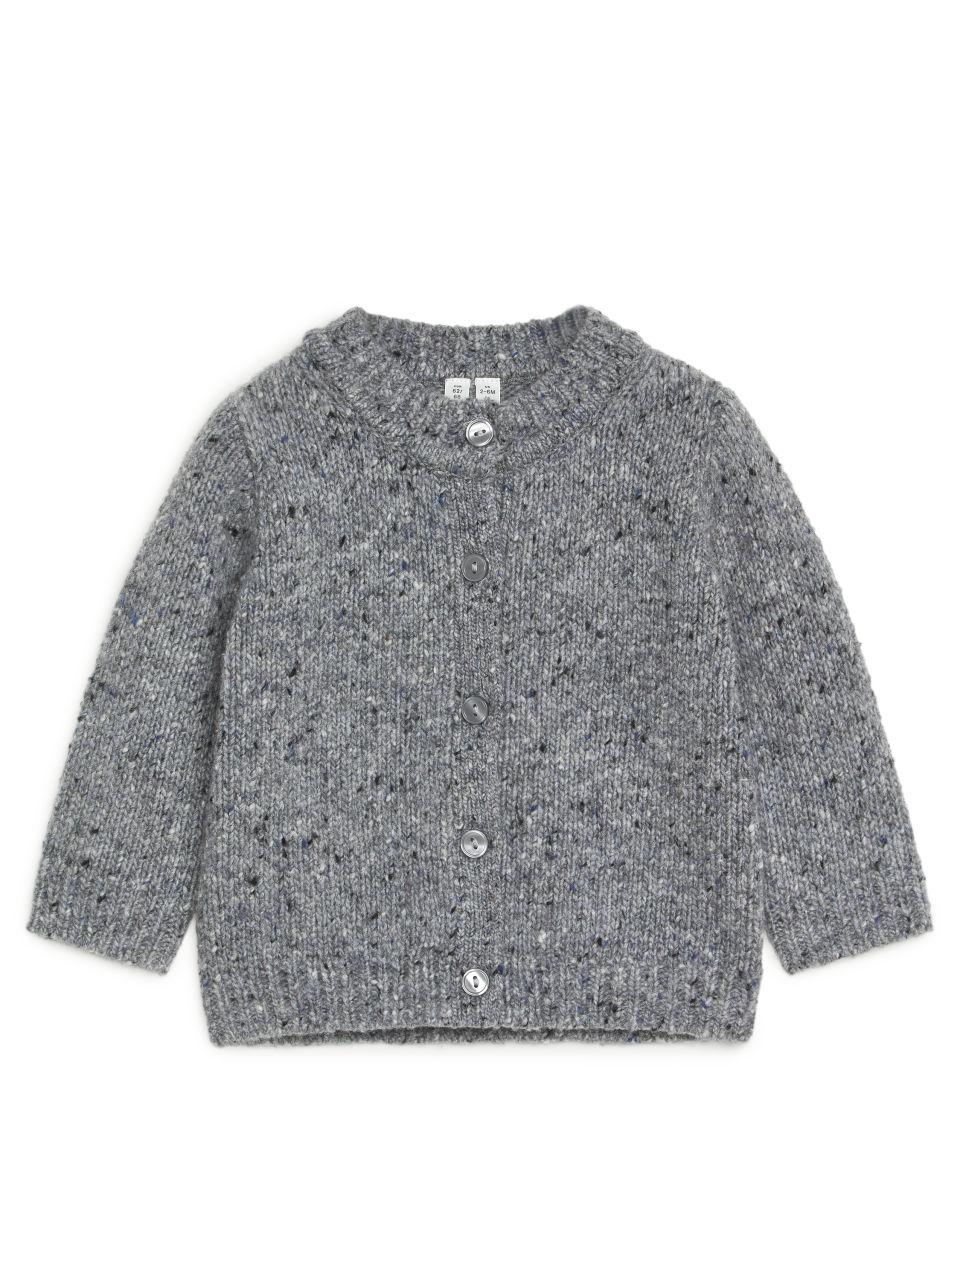 Merino Wool Cardigan - Grey